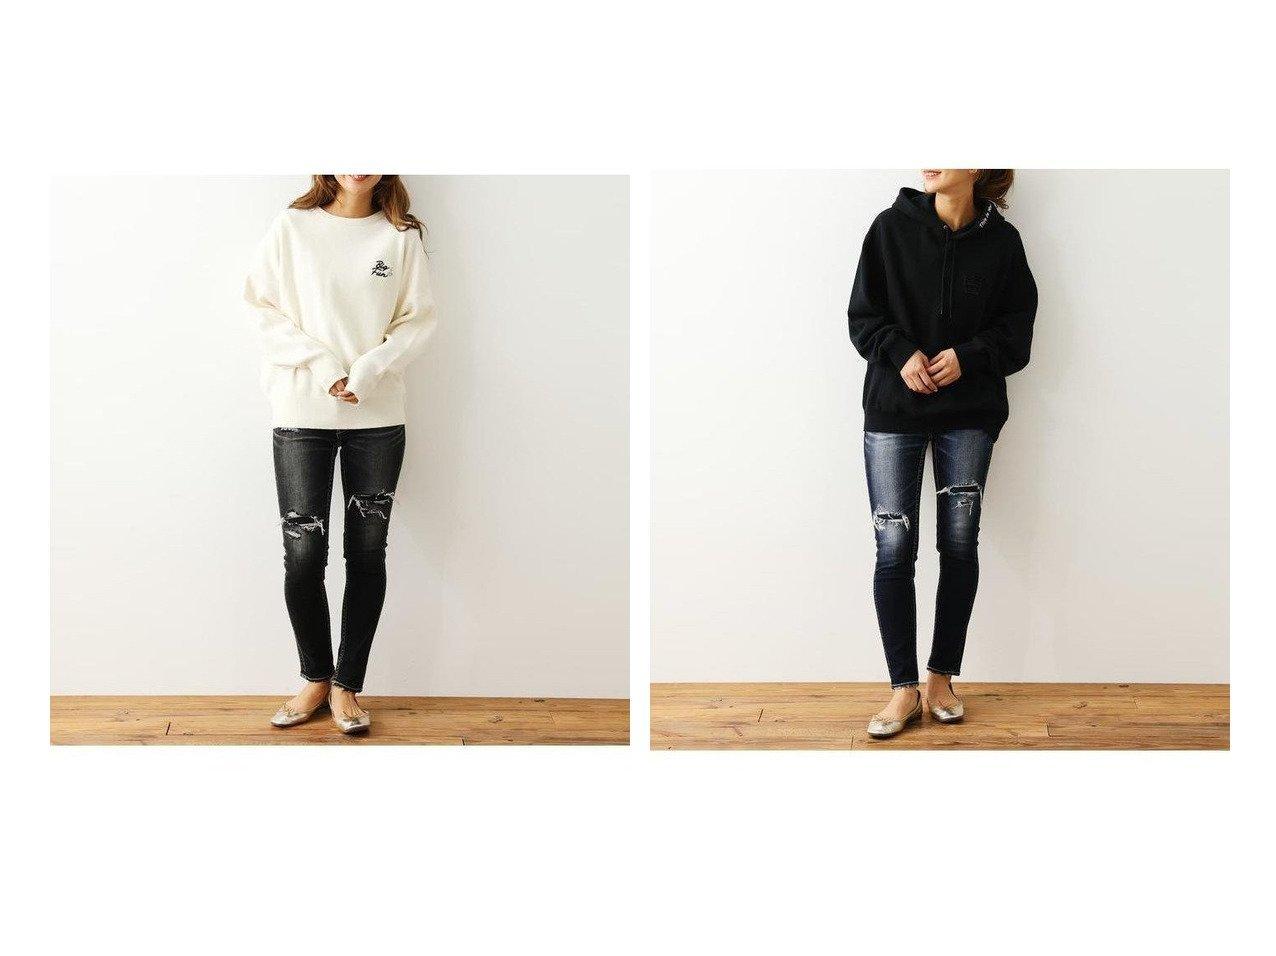 【RODEO CROWNS WIDE BOWL/ロデオクラウンズワイドボウル】のHIDE SKIN TYPE2スキニー パンツのおすすめ!人気、トレンド・レディースファッションの通販  おすすめで人気の流行・トレンド、ファッションの通販商品 メンズファッション・キッズファッション・インテリア・家具・レディースファッション・服の通販 founy(ファニー) https://founy.com/ ファッション Fashion レディースファッション WOMEN パンツ Pants デニムパンツ Denim Pants クラッシュ スキニー デニム |ID:crp329100000018891